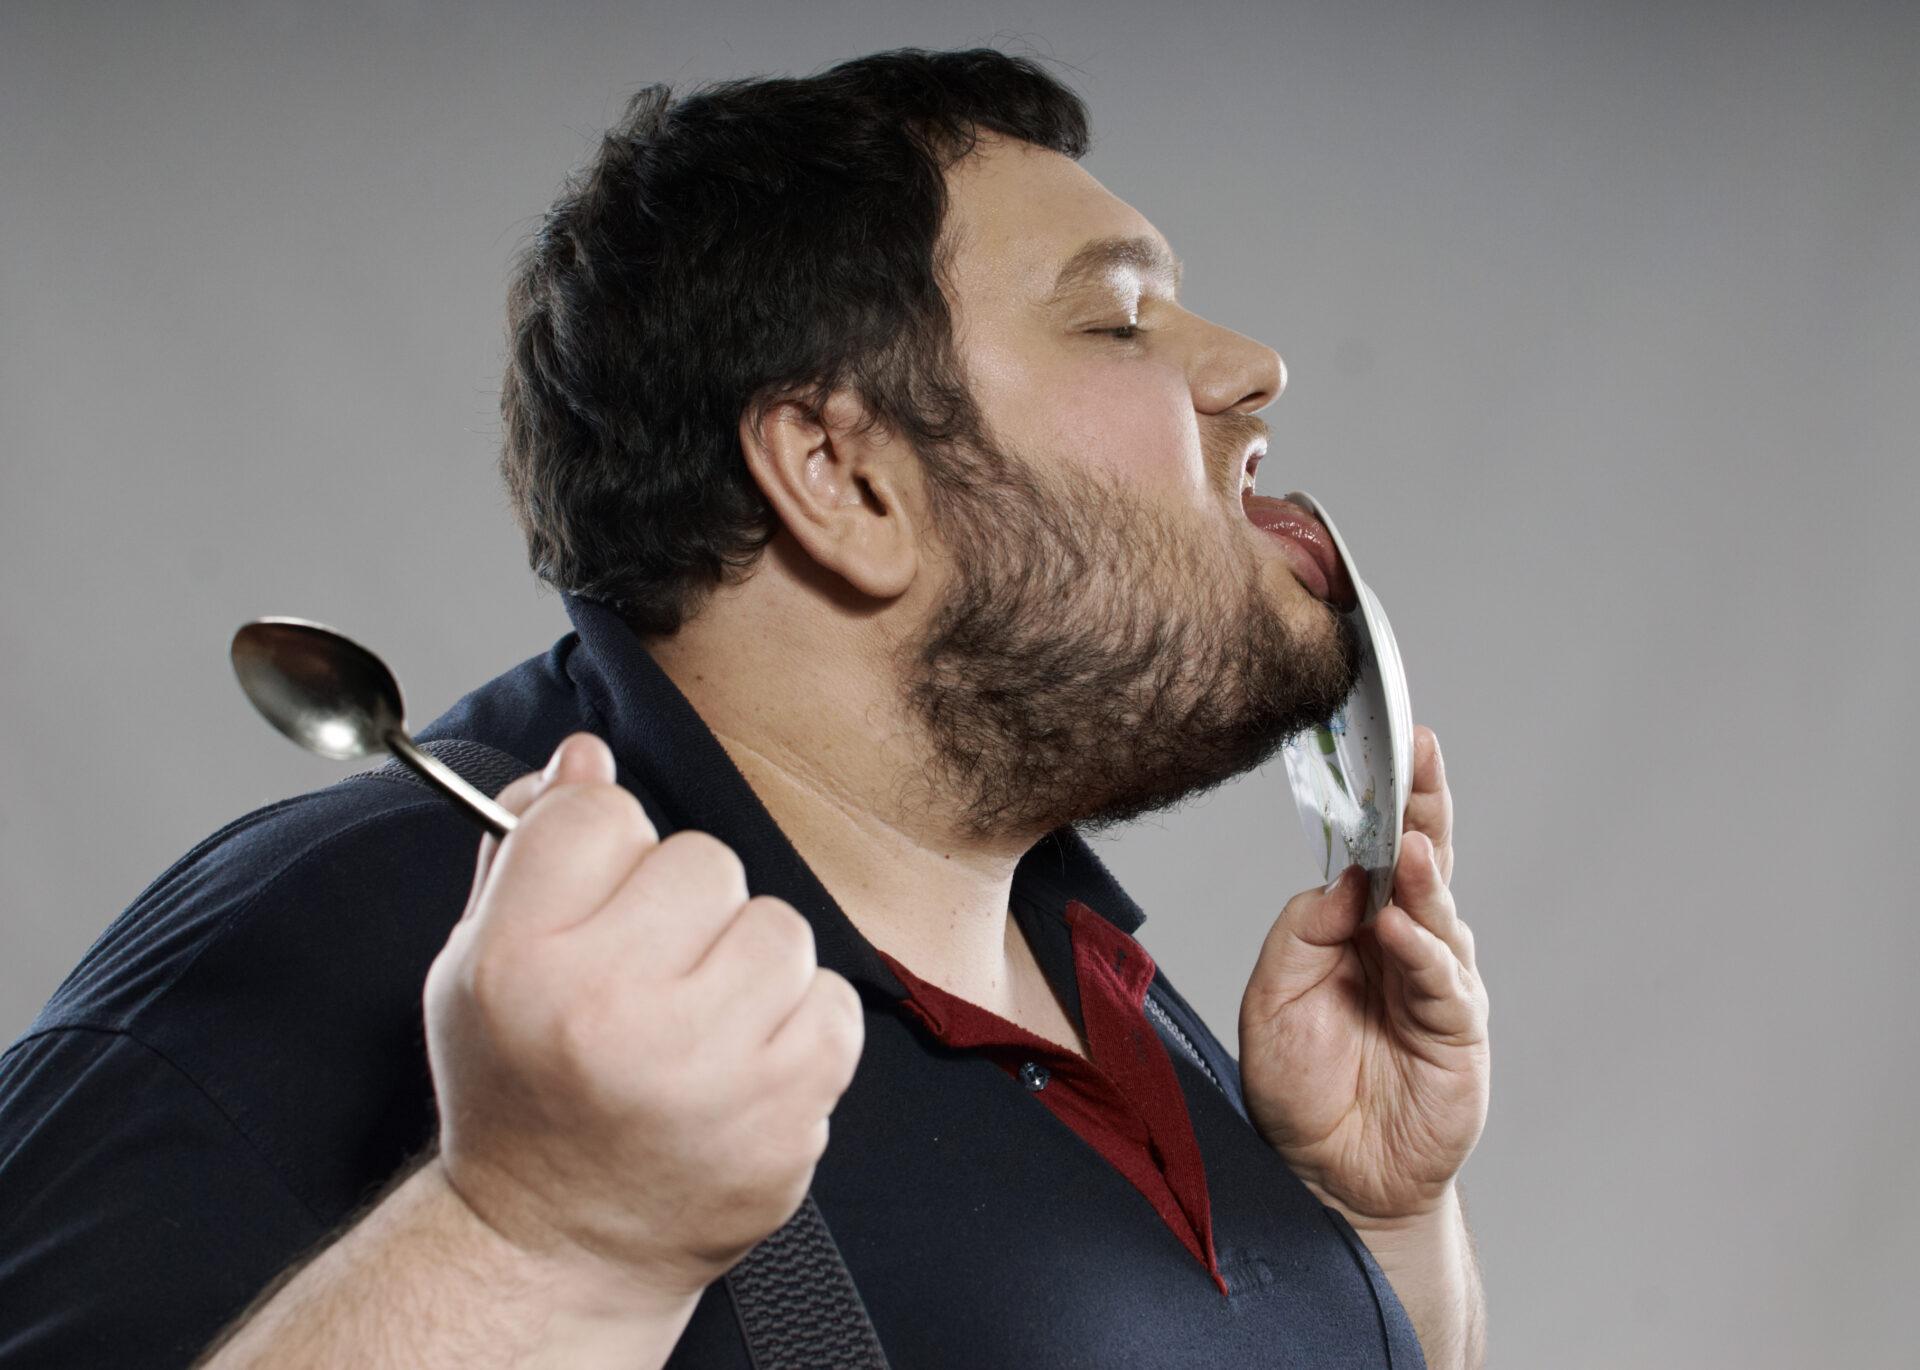 overspisning-misbrug-afhængighed-spiseforstyrelse-vivi-hinrichs